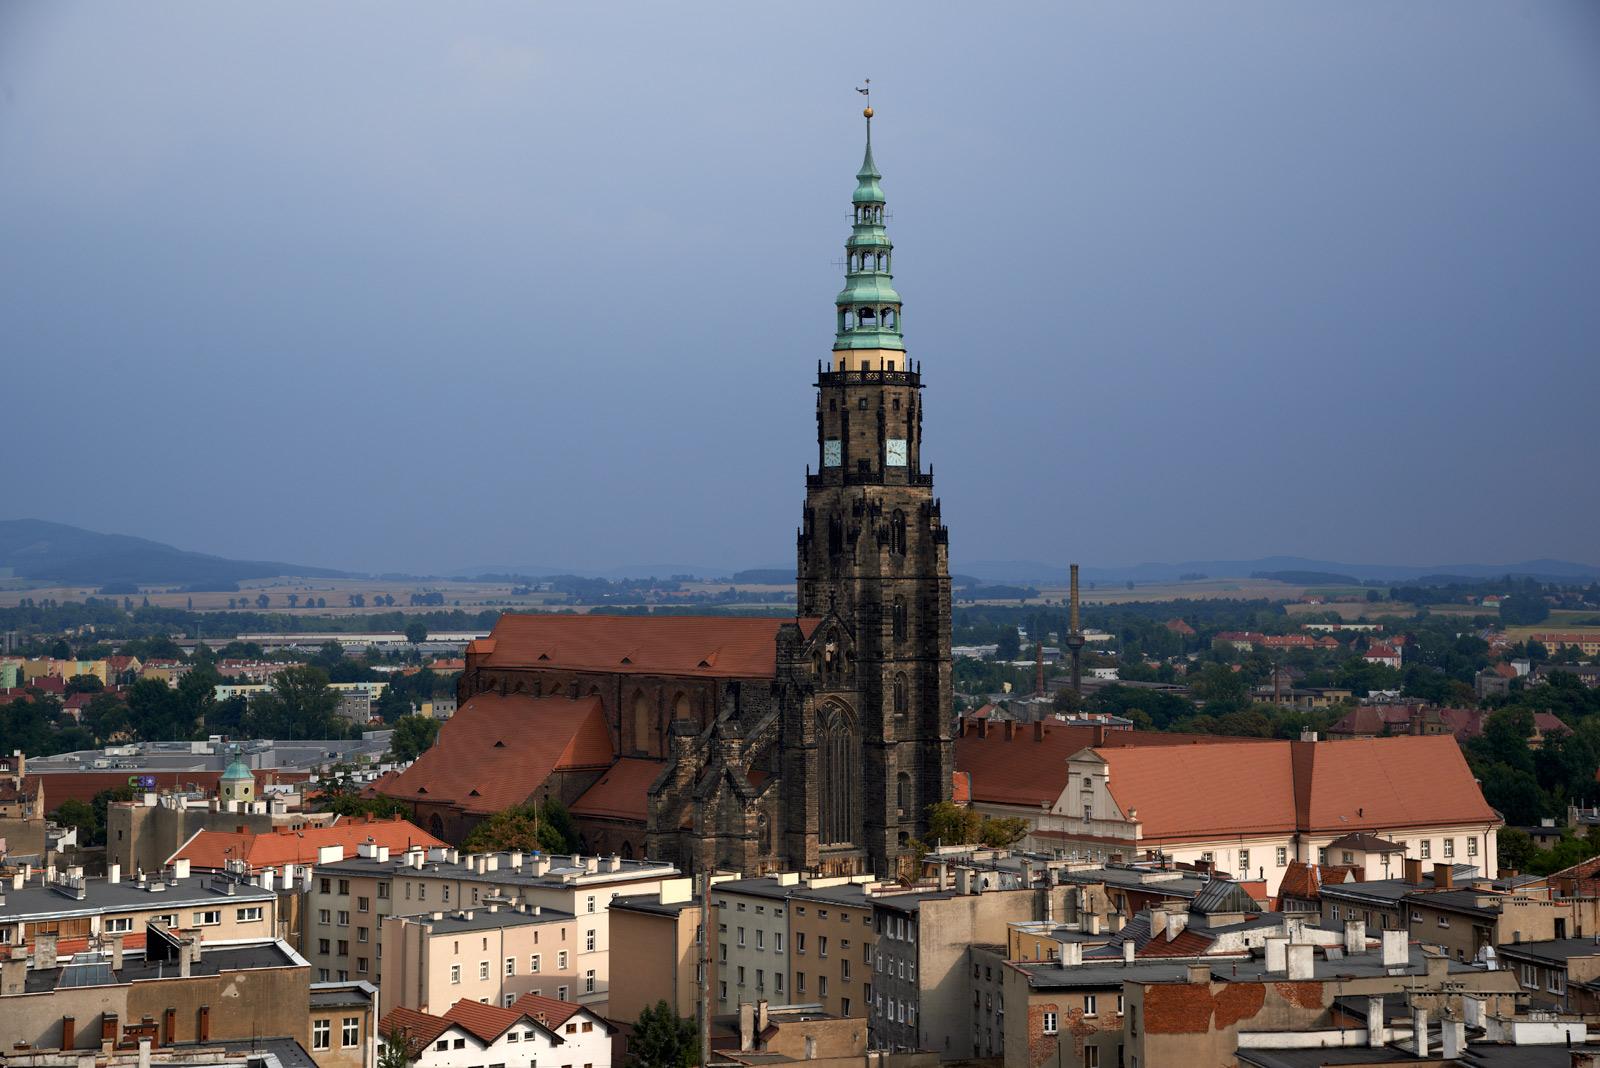 Obrady Episkopatu w Wałbrzychu i Świdnicy (zapowiedź)